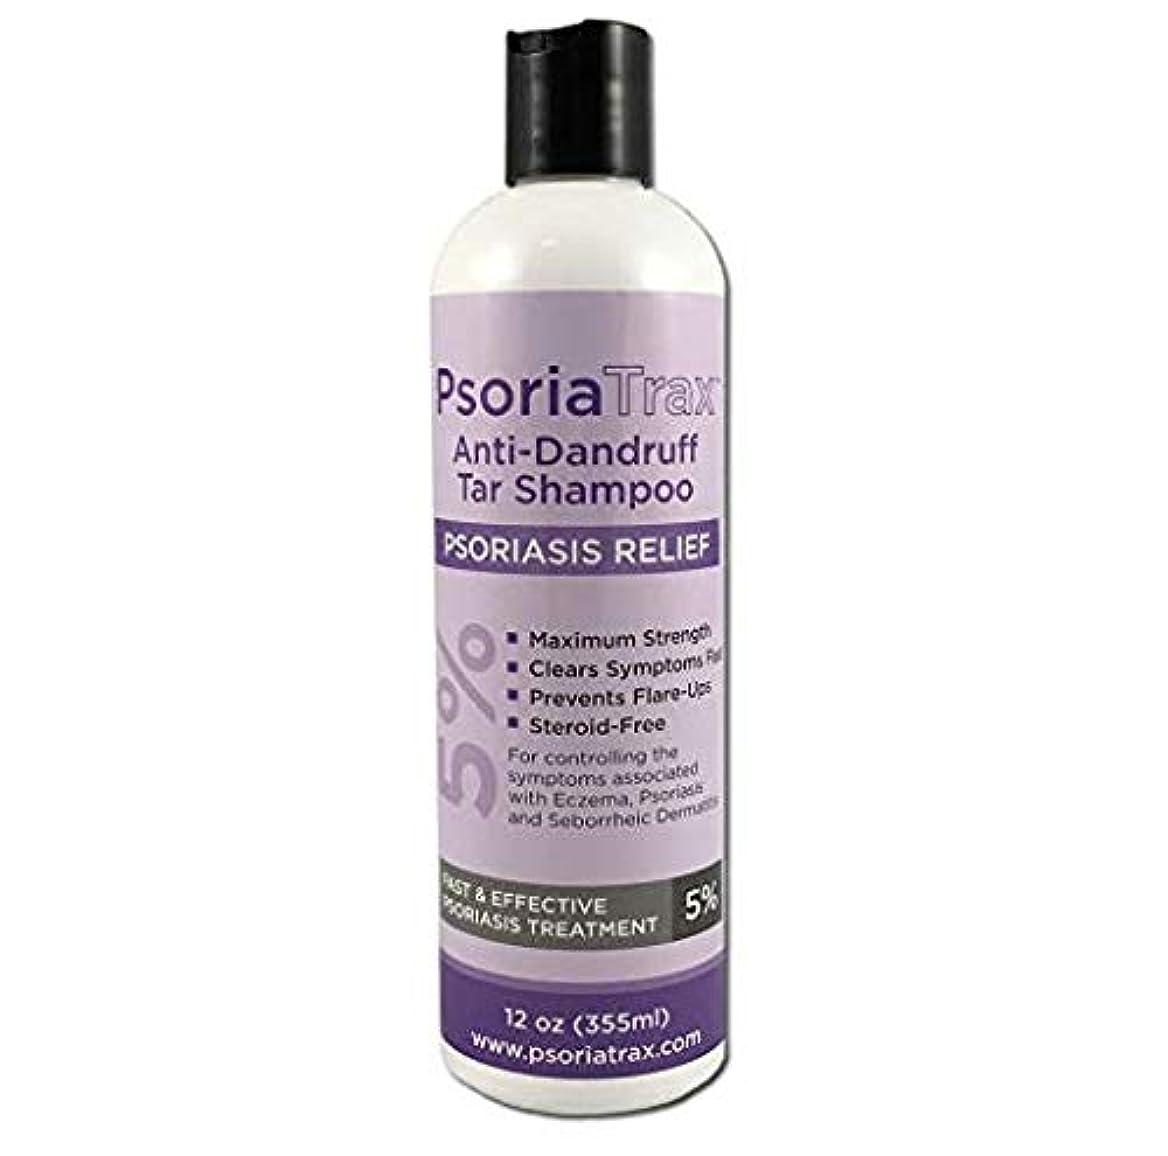 忌避剤驚くばかりトリッキー5%コールタール含有 かん癬用シャンプー Coal Tar Psoriasis Shampoo Psoriatrax 25% Coal Tar Solution 12oz Bottles- Psoriasis - Equivalent...